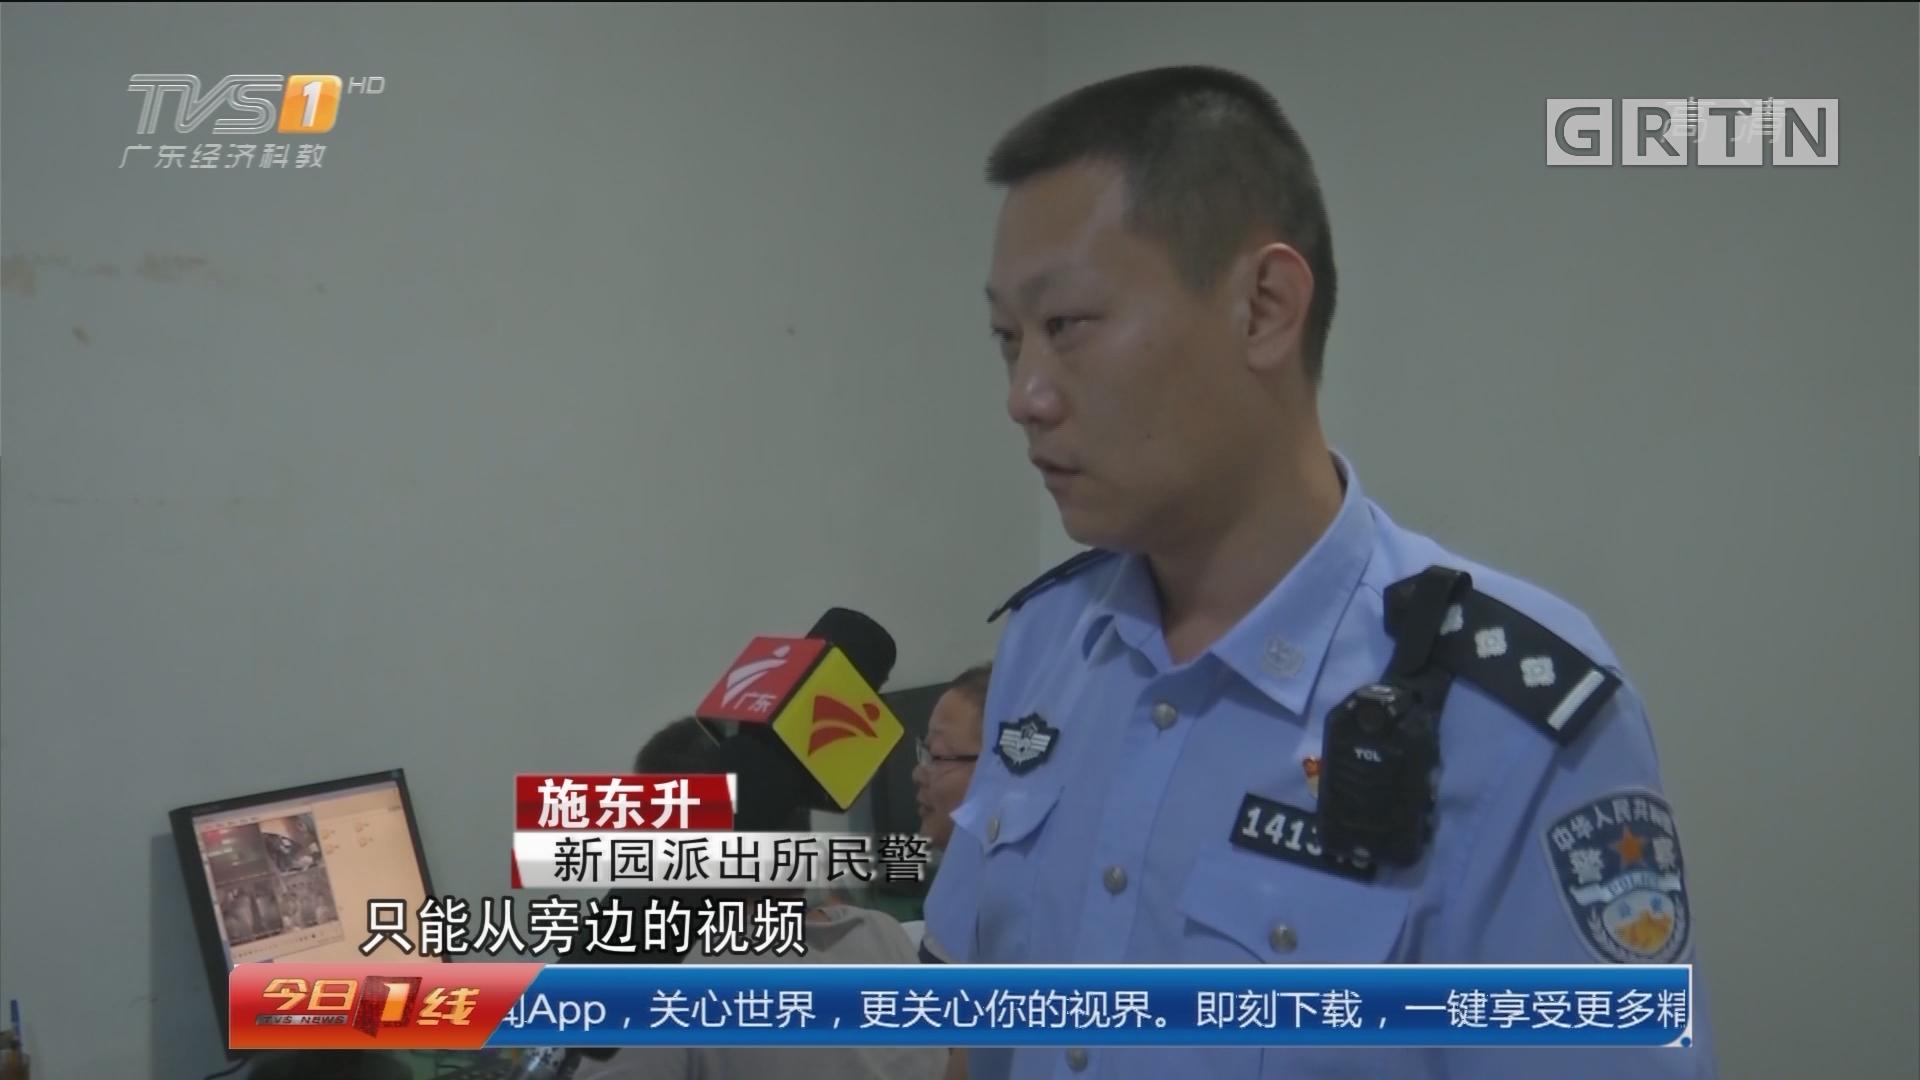 汕尾:乘客遗忘20万财物 警察及时帮忙找回